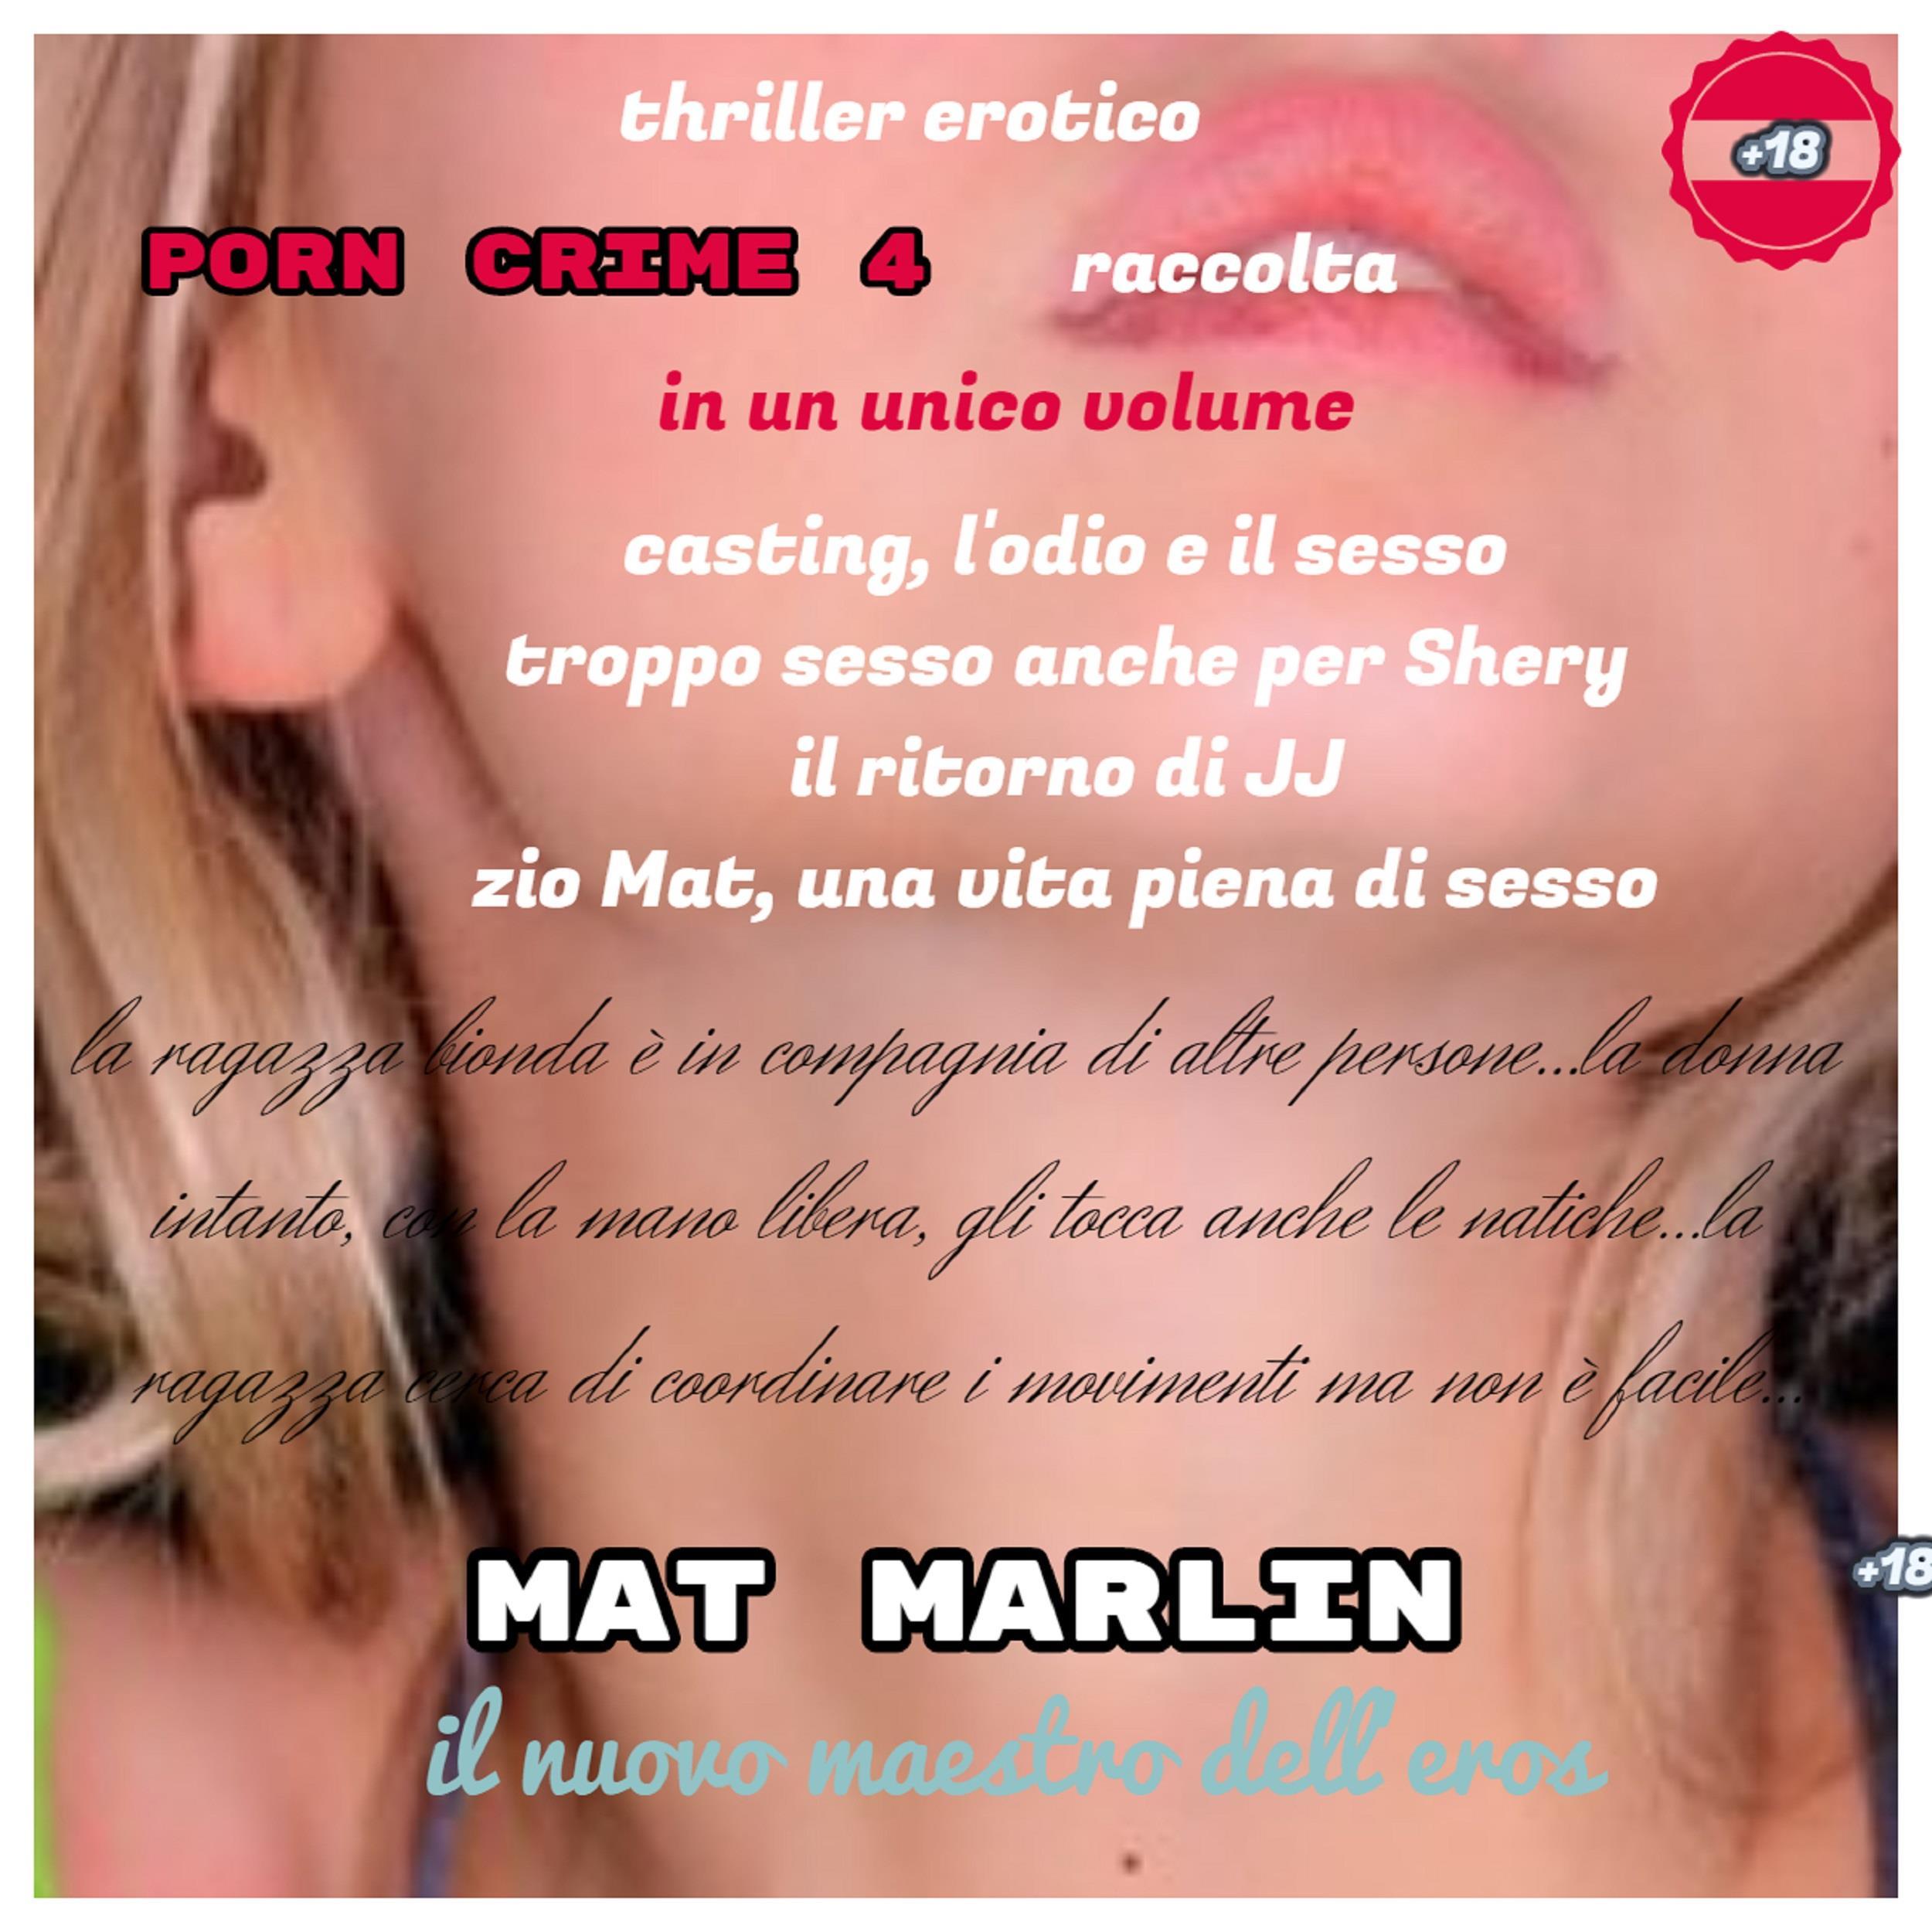 Raccolta Porn Crime 4 [Mat Marlin]